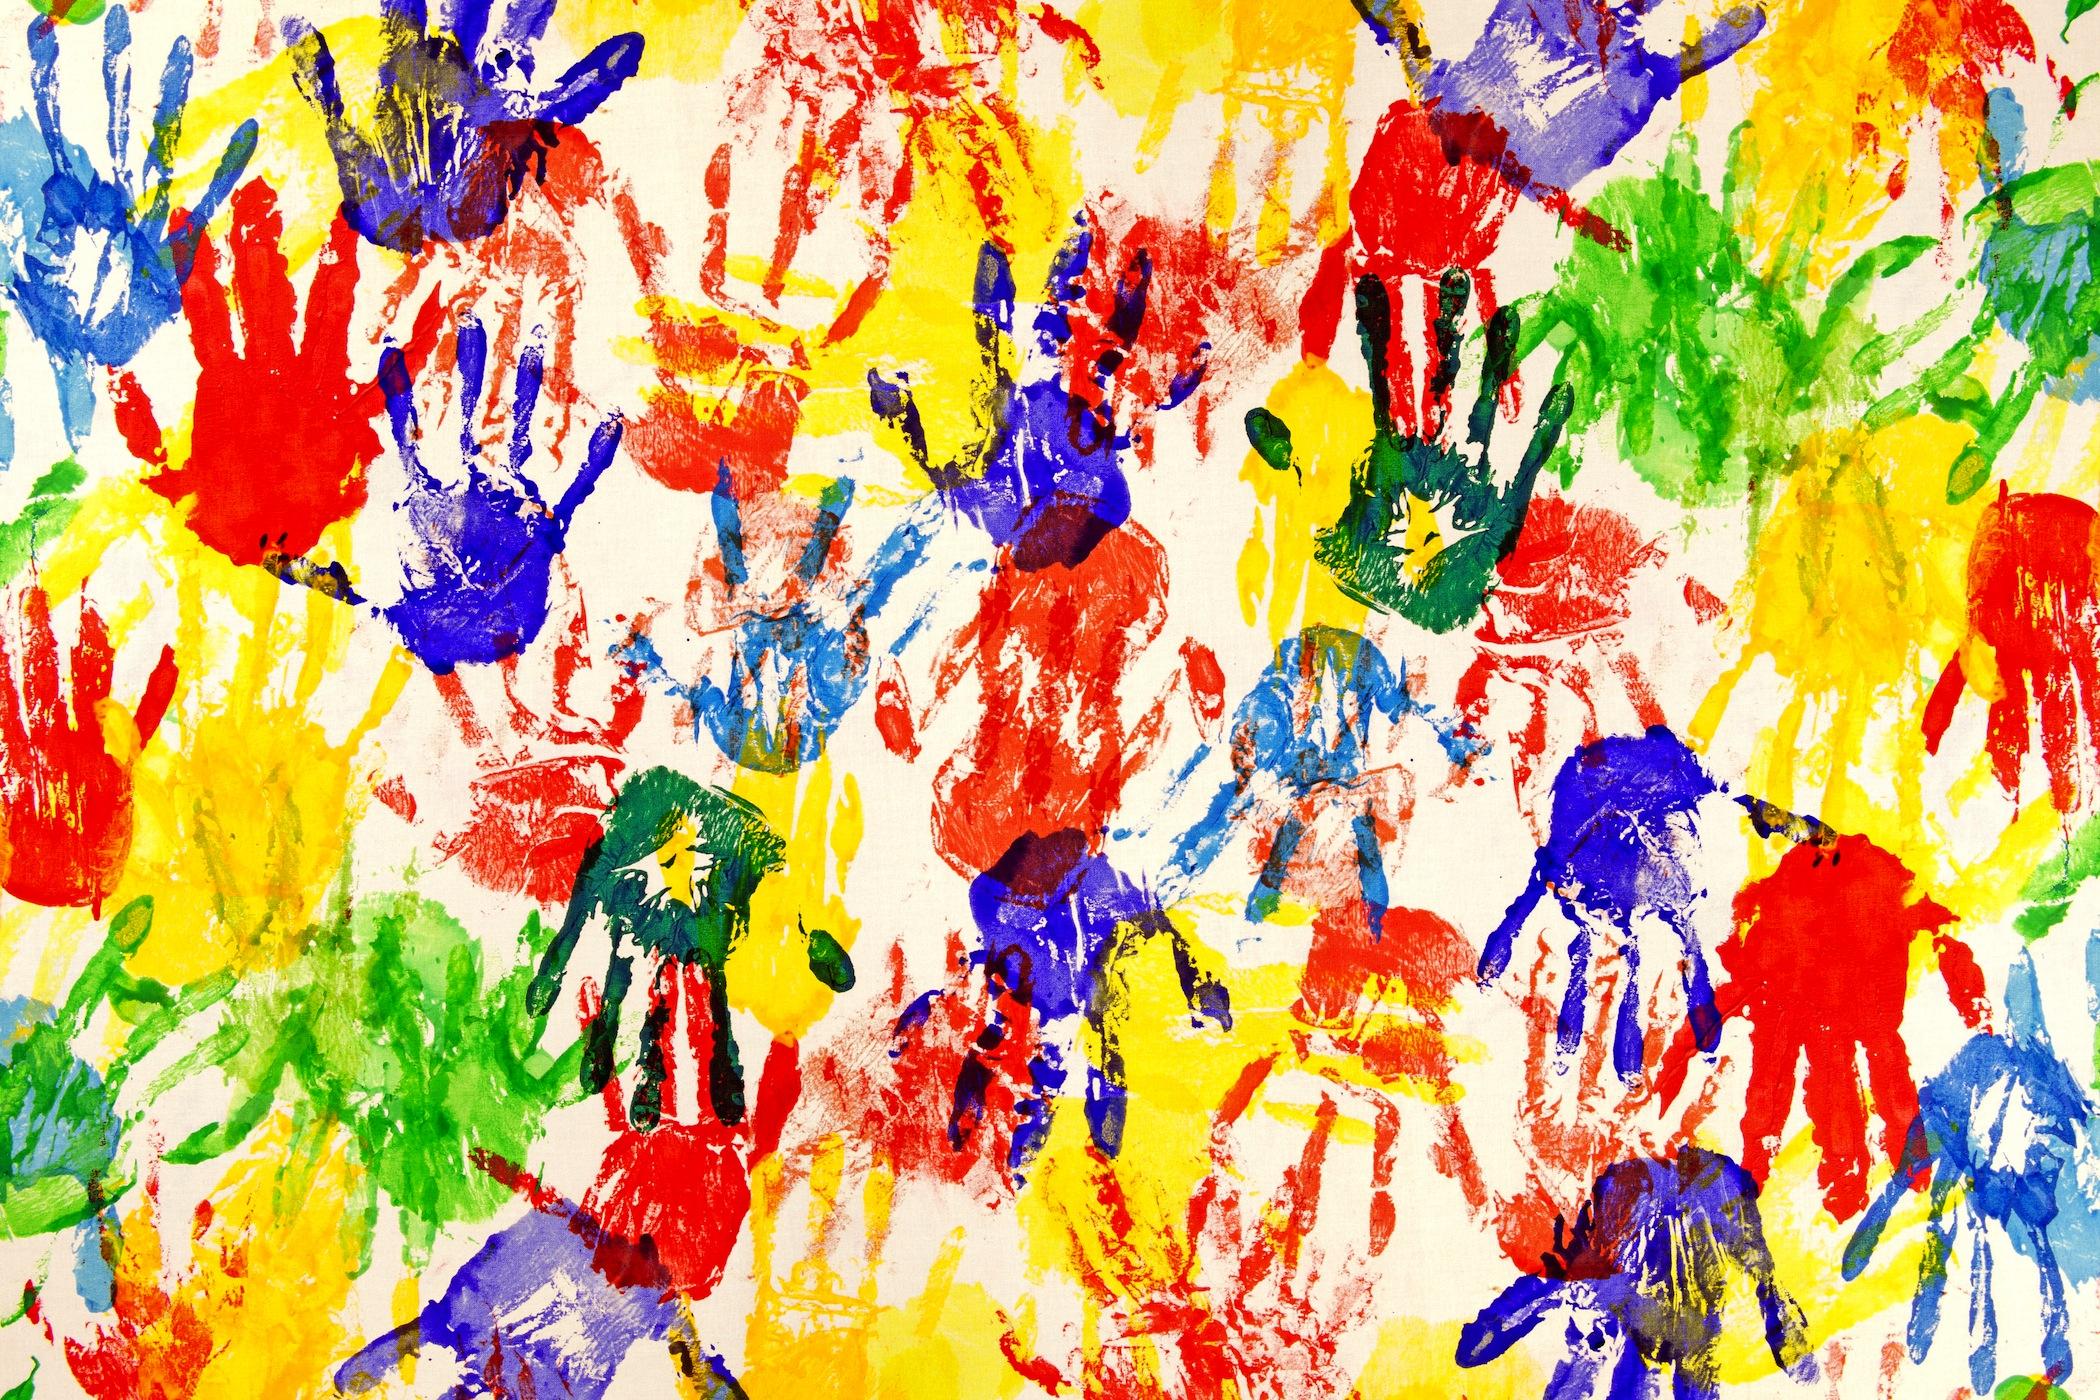 Impression de la main papier peint appliqué sur le mur